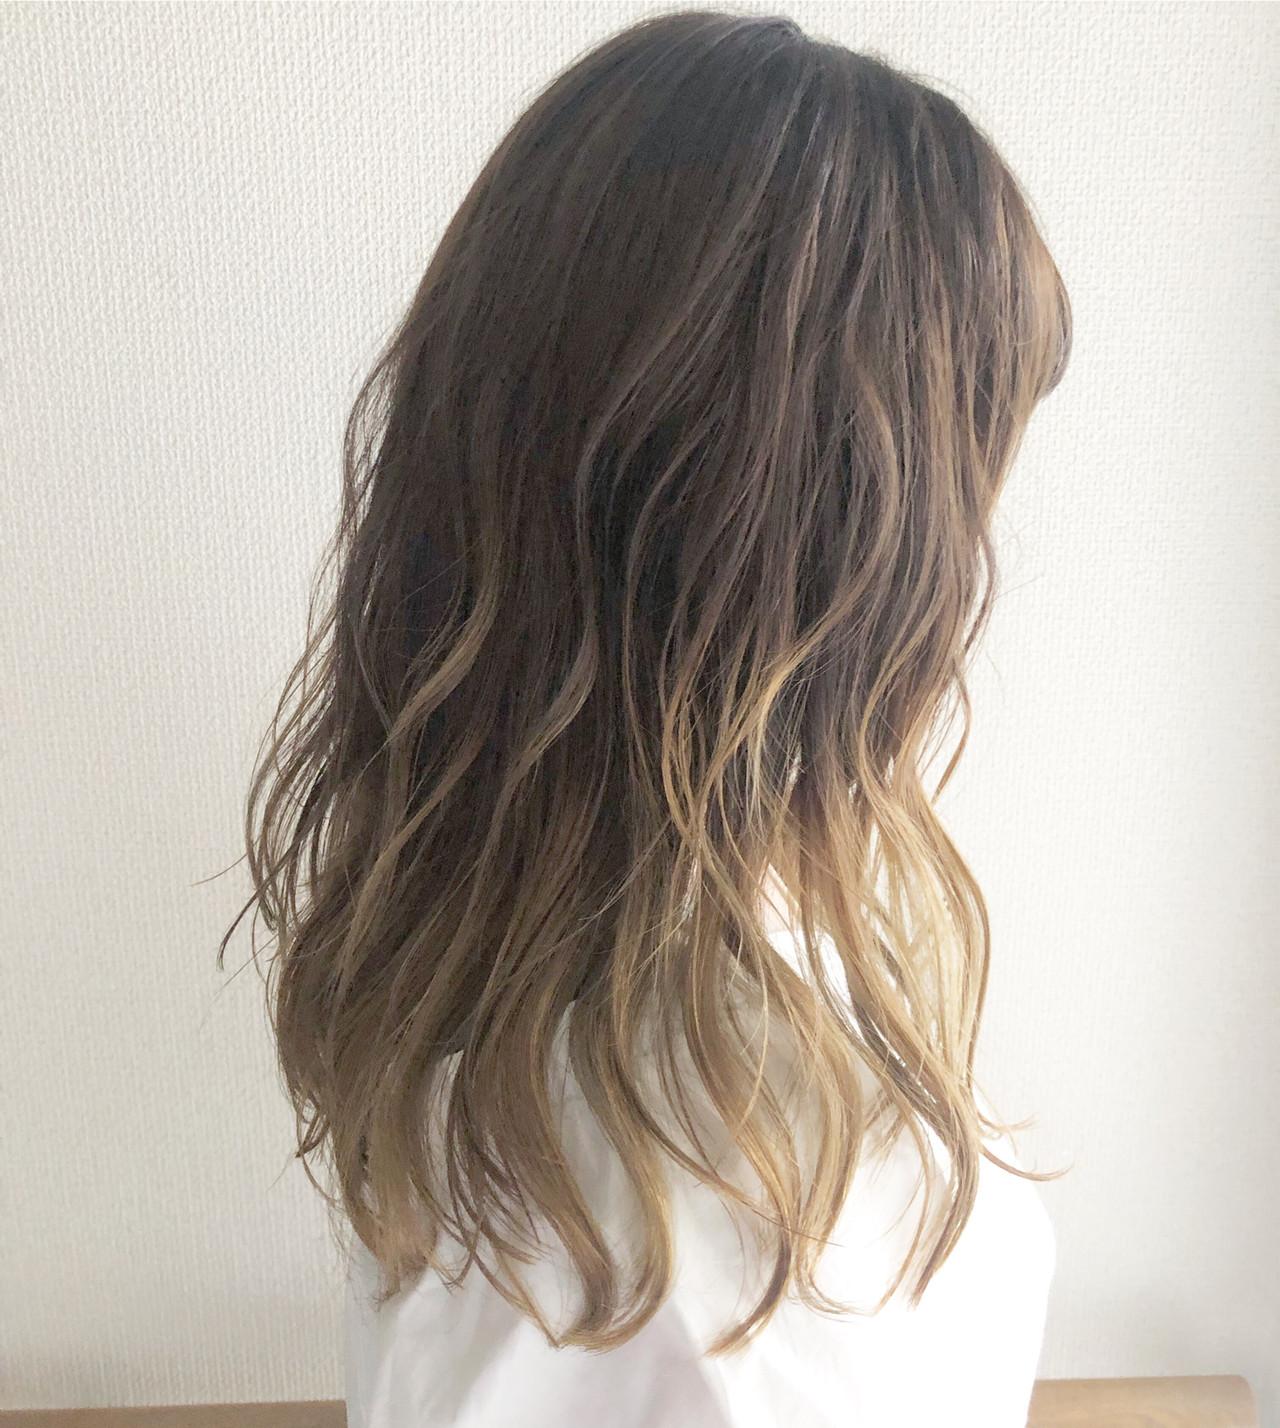 グレージュ ヘアアレンジ グラデーションカラー ミルクティーベージュヘアスタイルや髪型の写真・画像